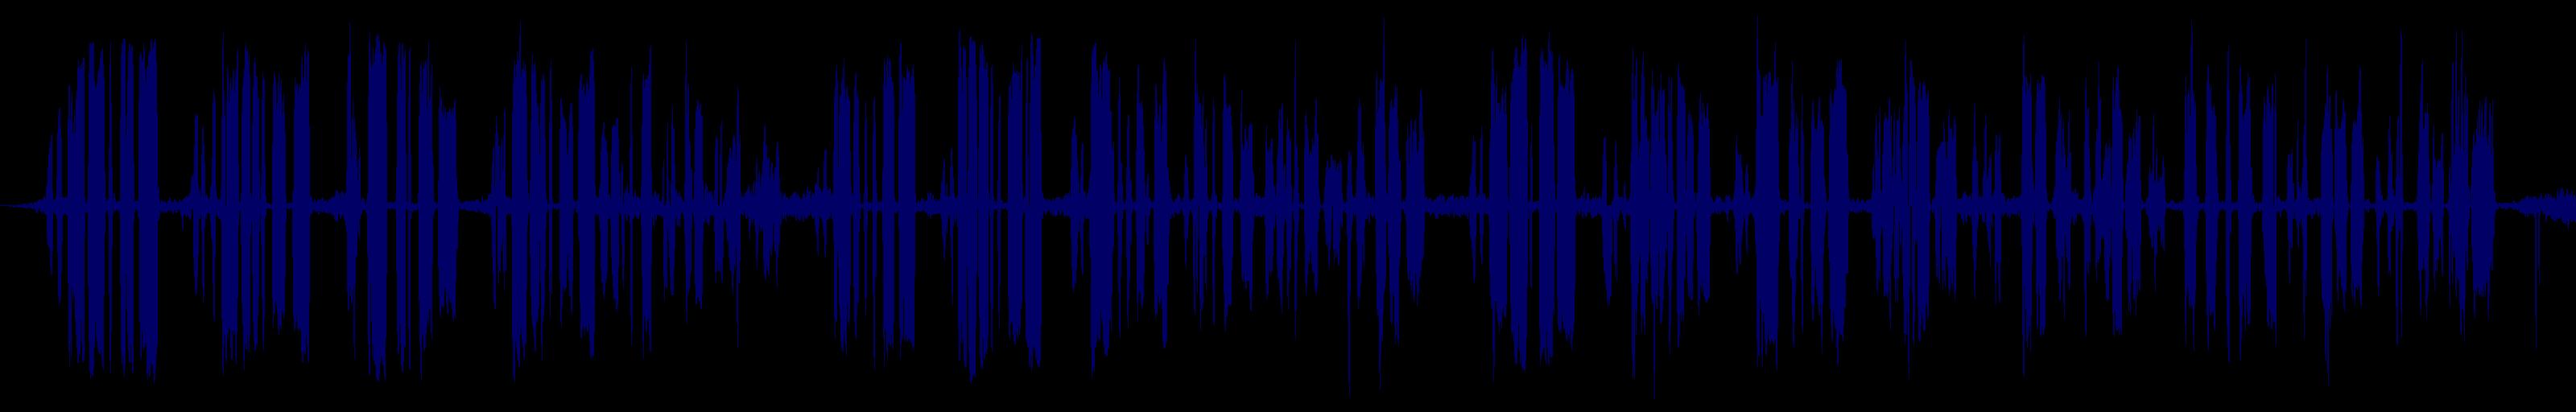 waveform of track #143763